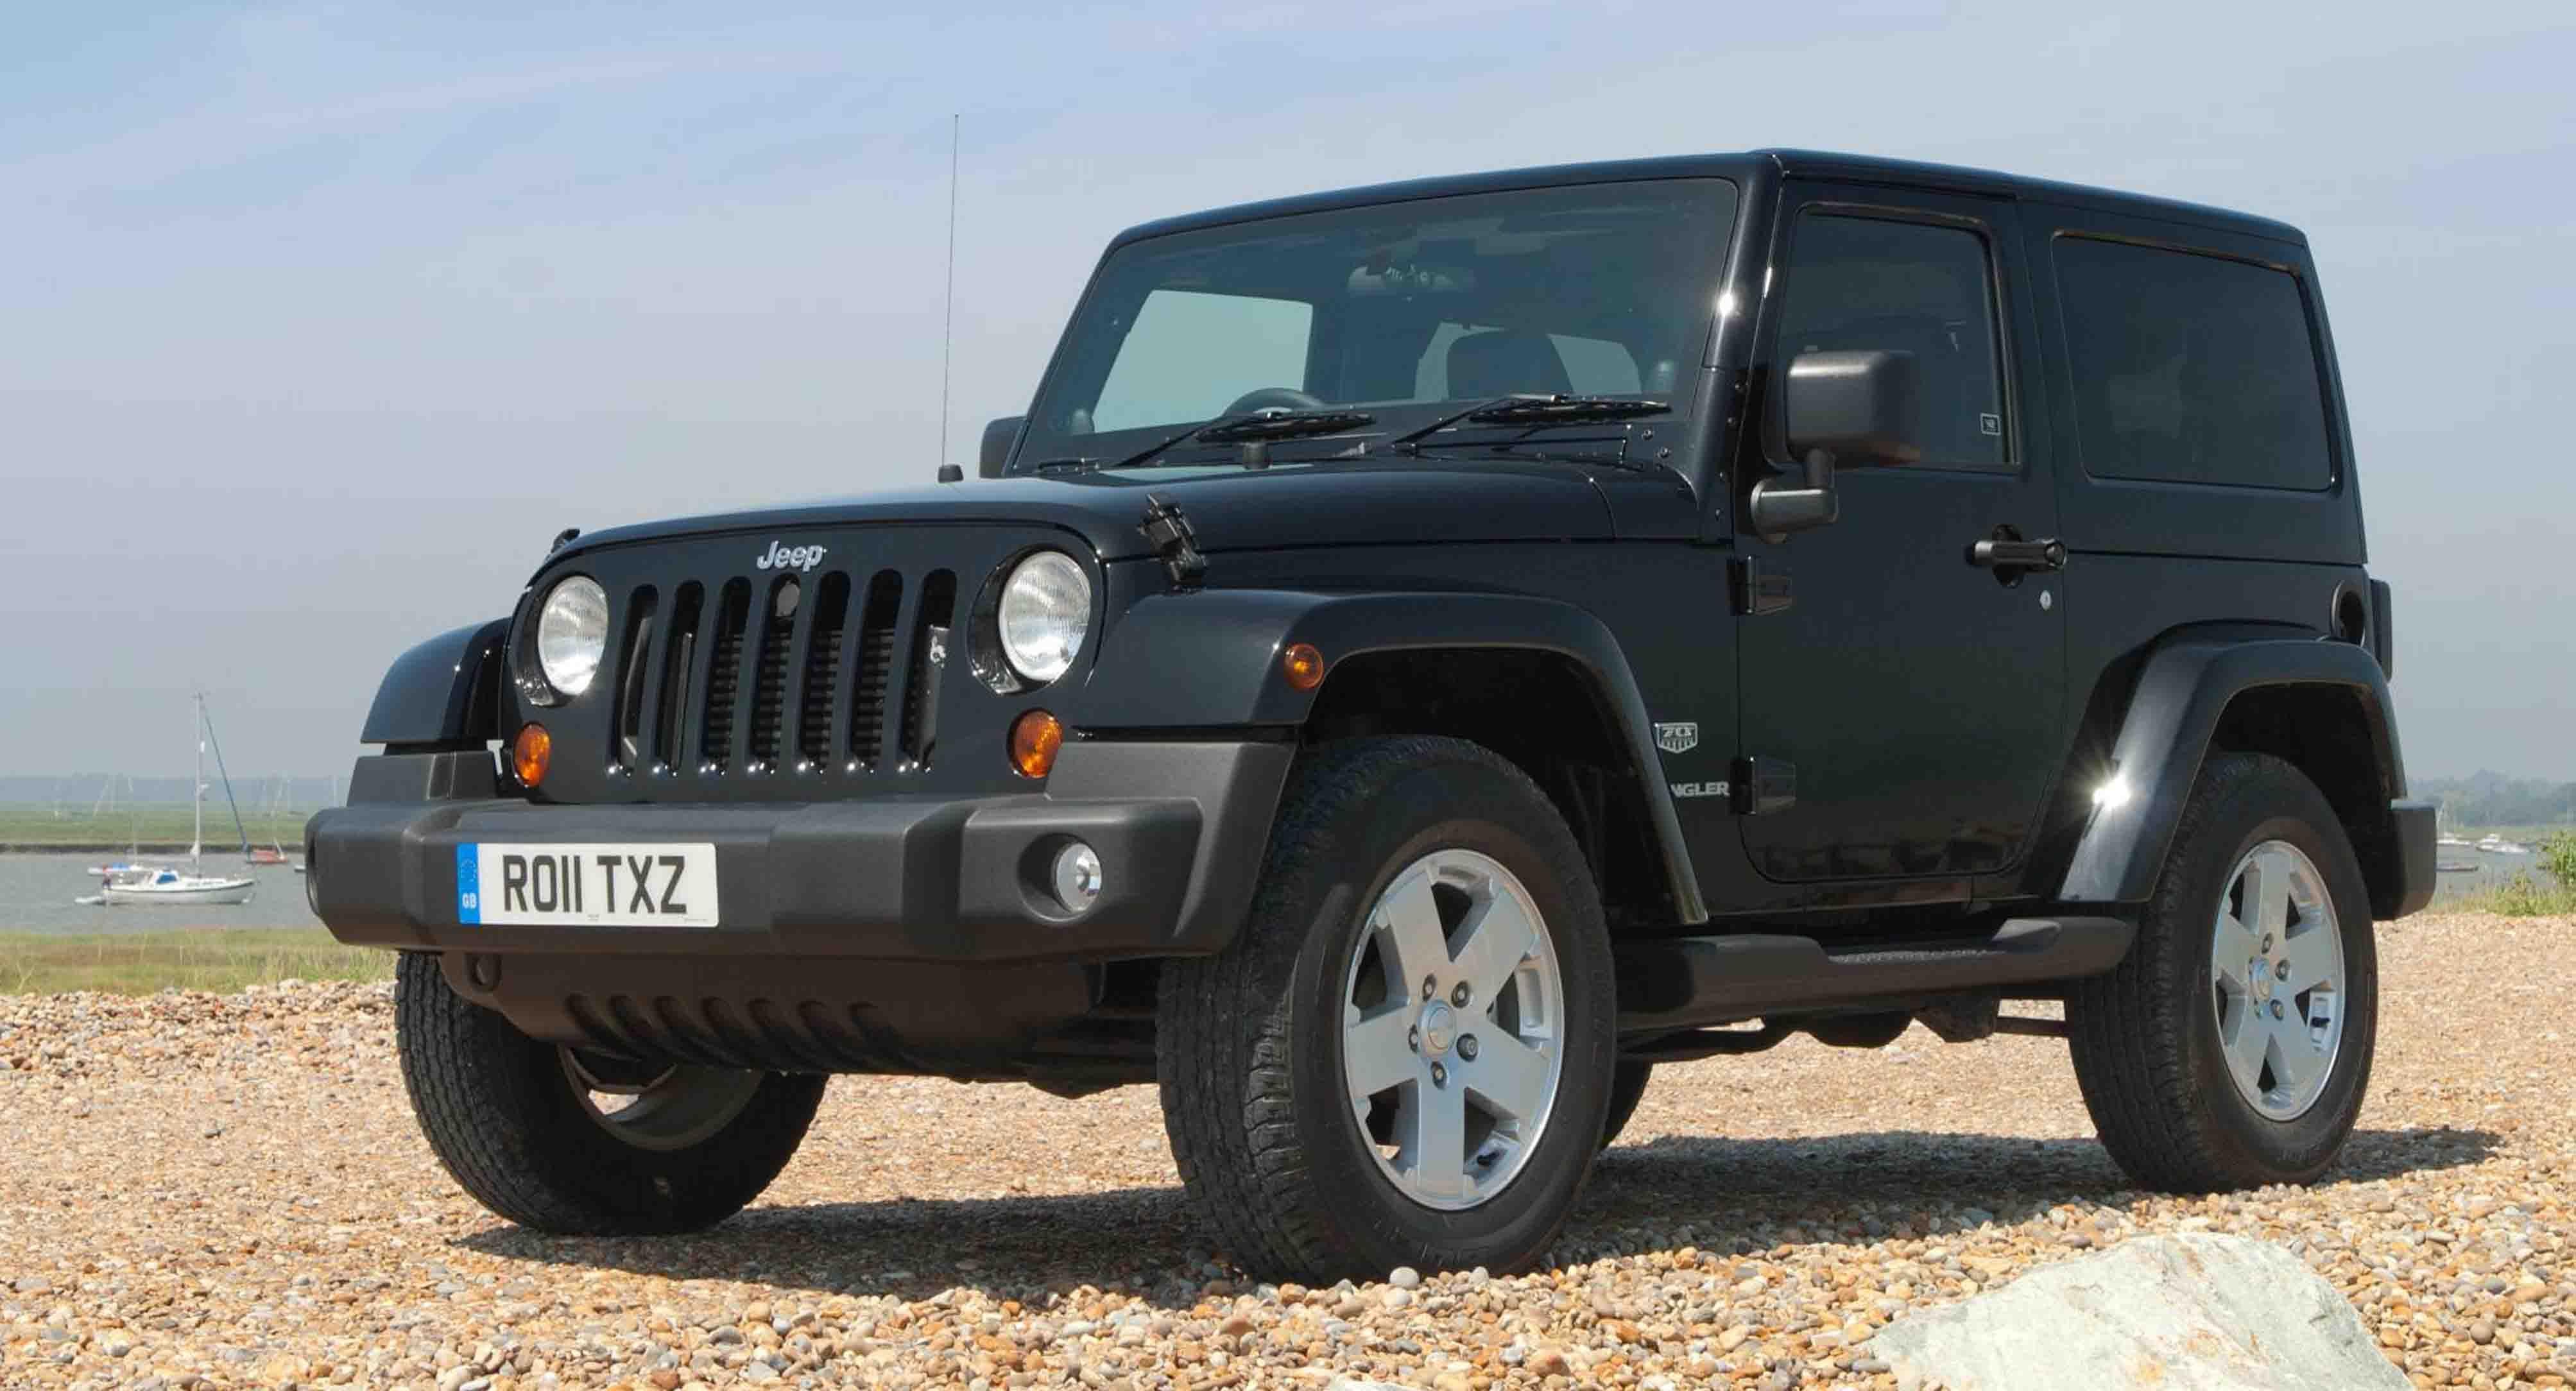 Jeep Rubicon 2014 2 Puertas Buscar Con Google Jeep Wrangler Suv Suv Reviews